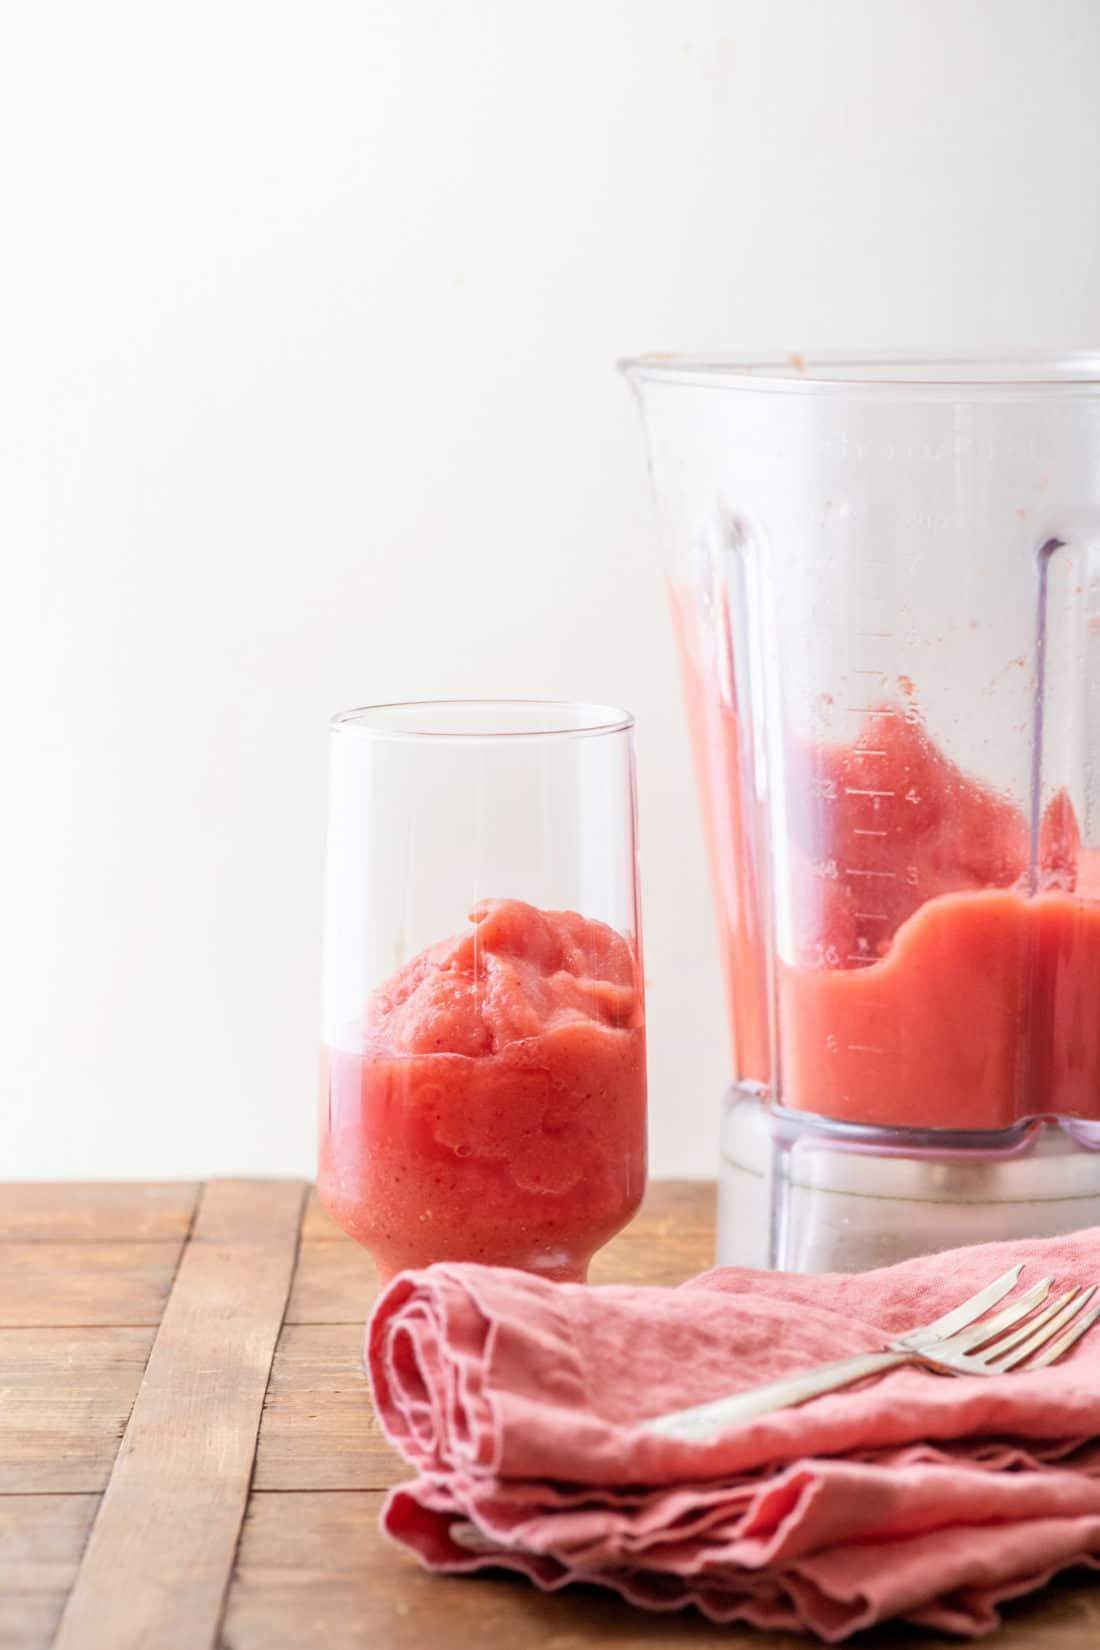 Watermelon Strawberry Smoothie / Photo by Cheyenne Cohen / Katie Workman / themom100.com